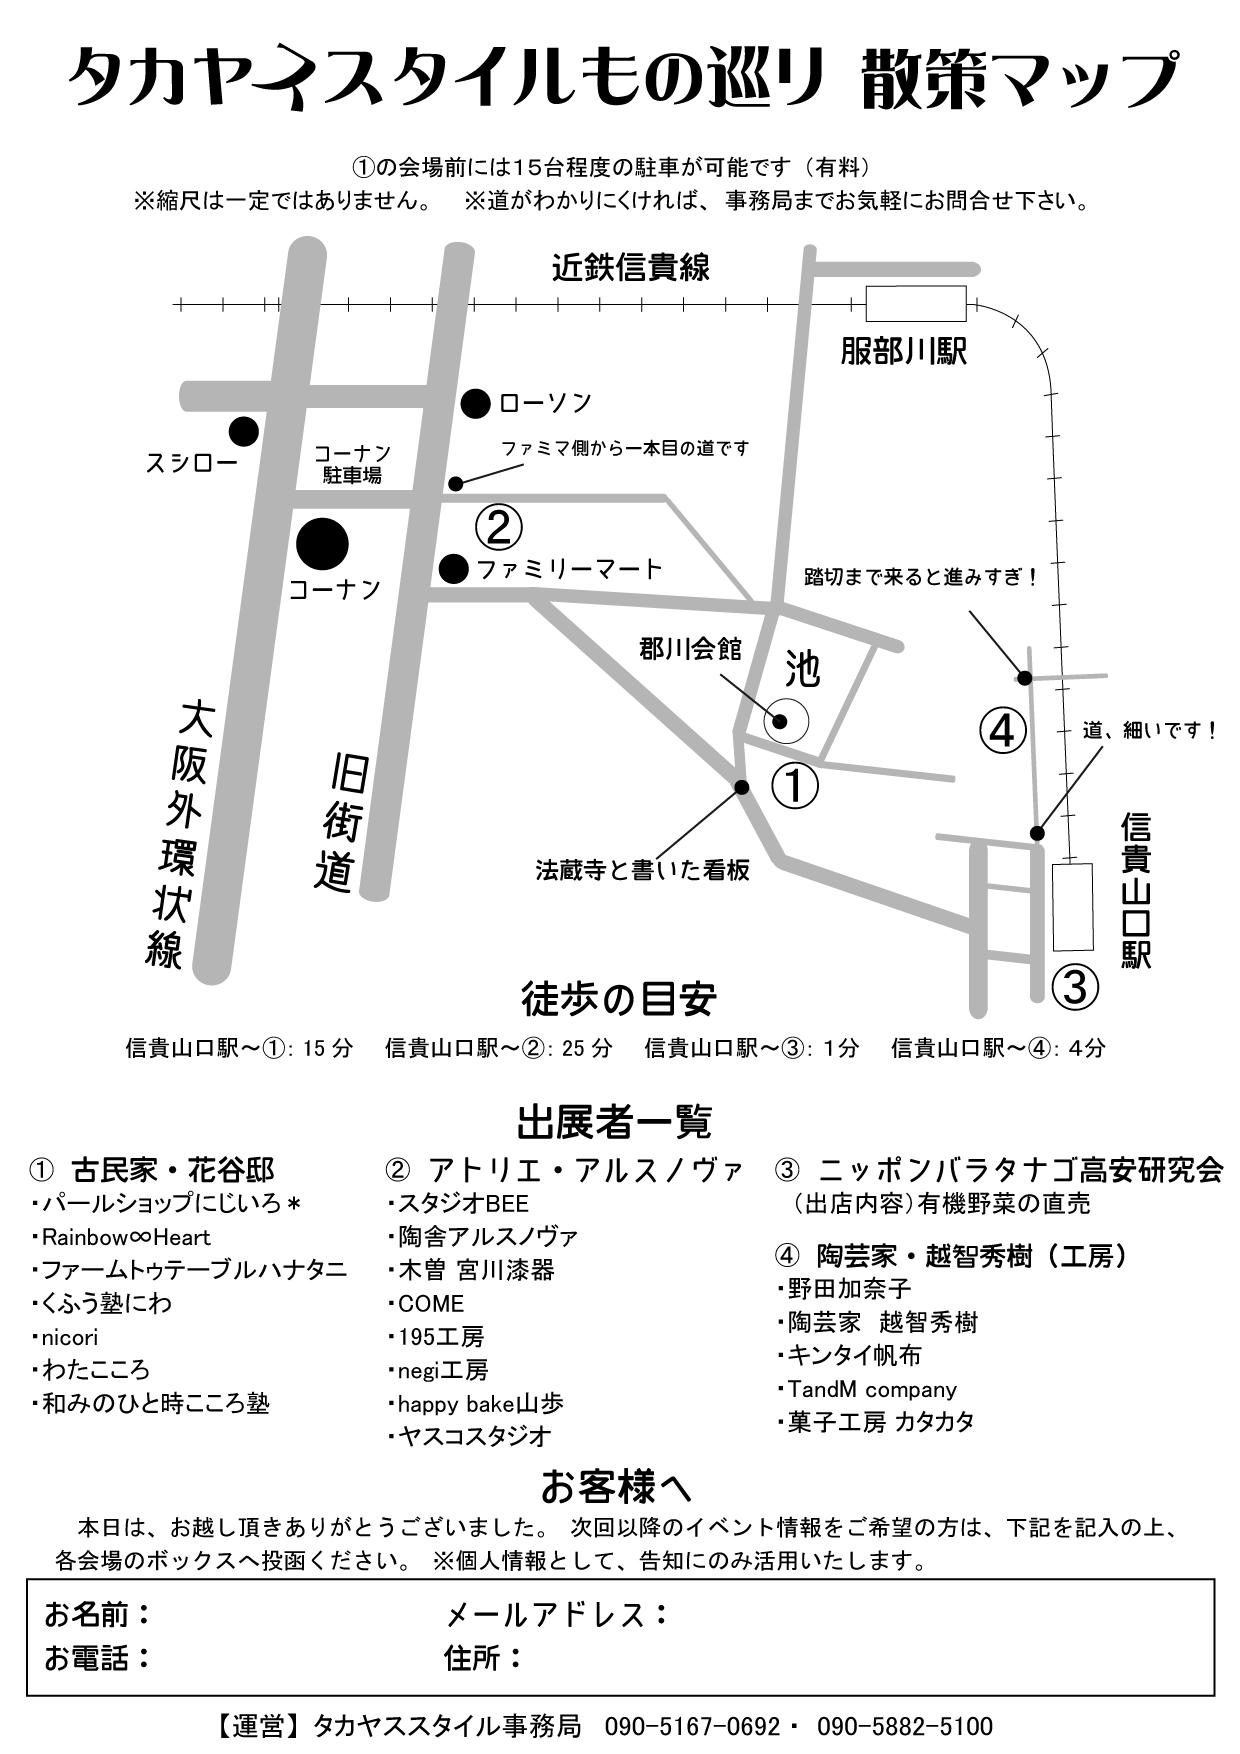 散策マップ181003